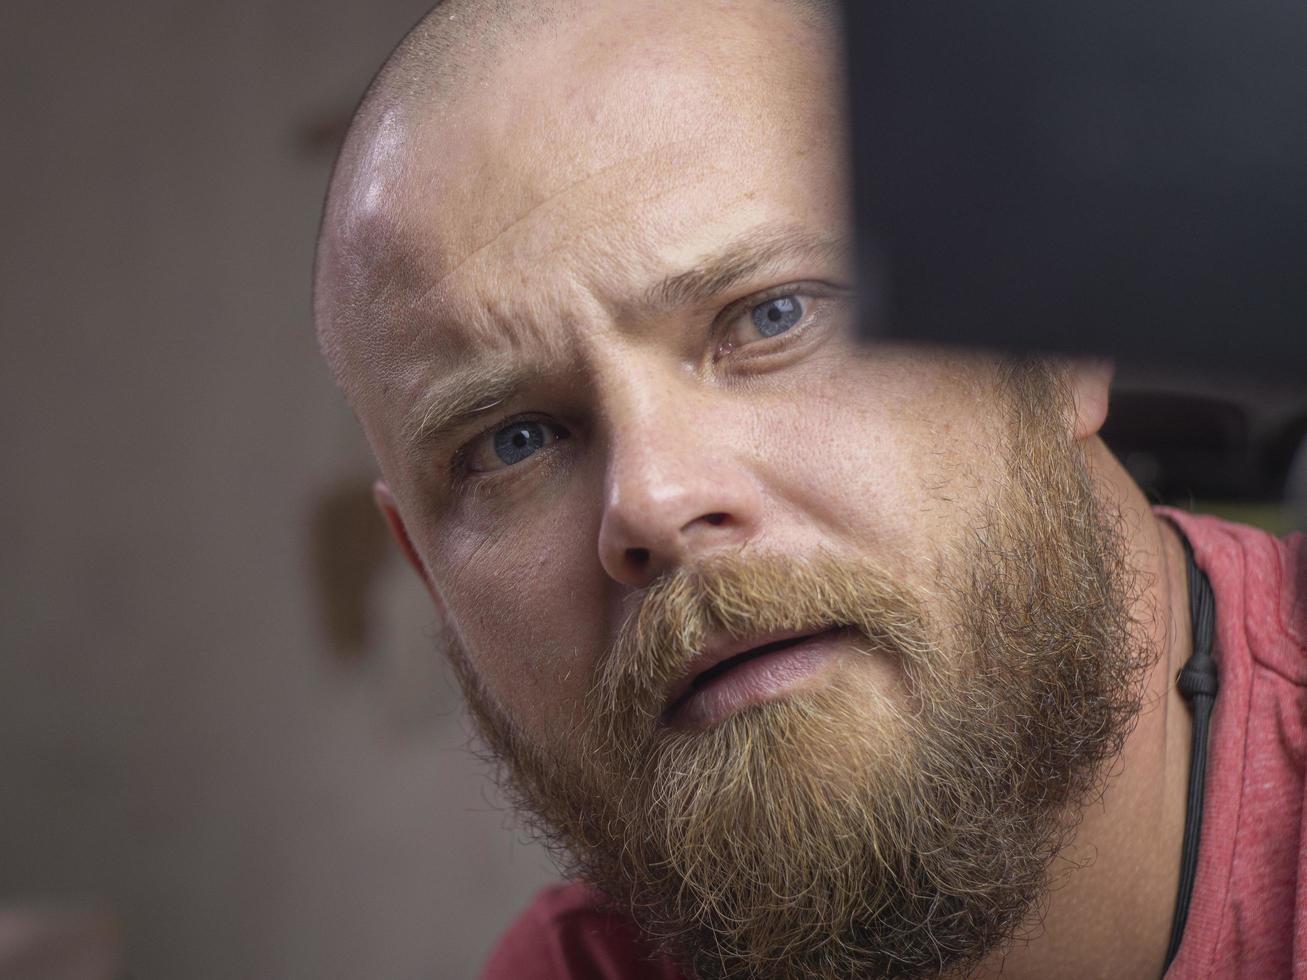 portret van een kale man met een baard foto